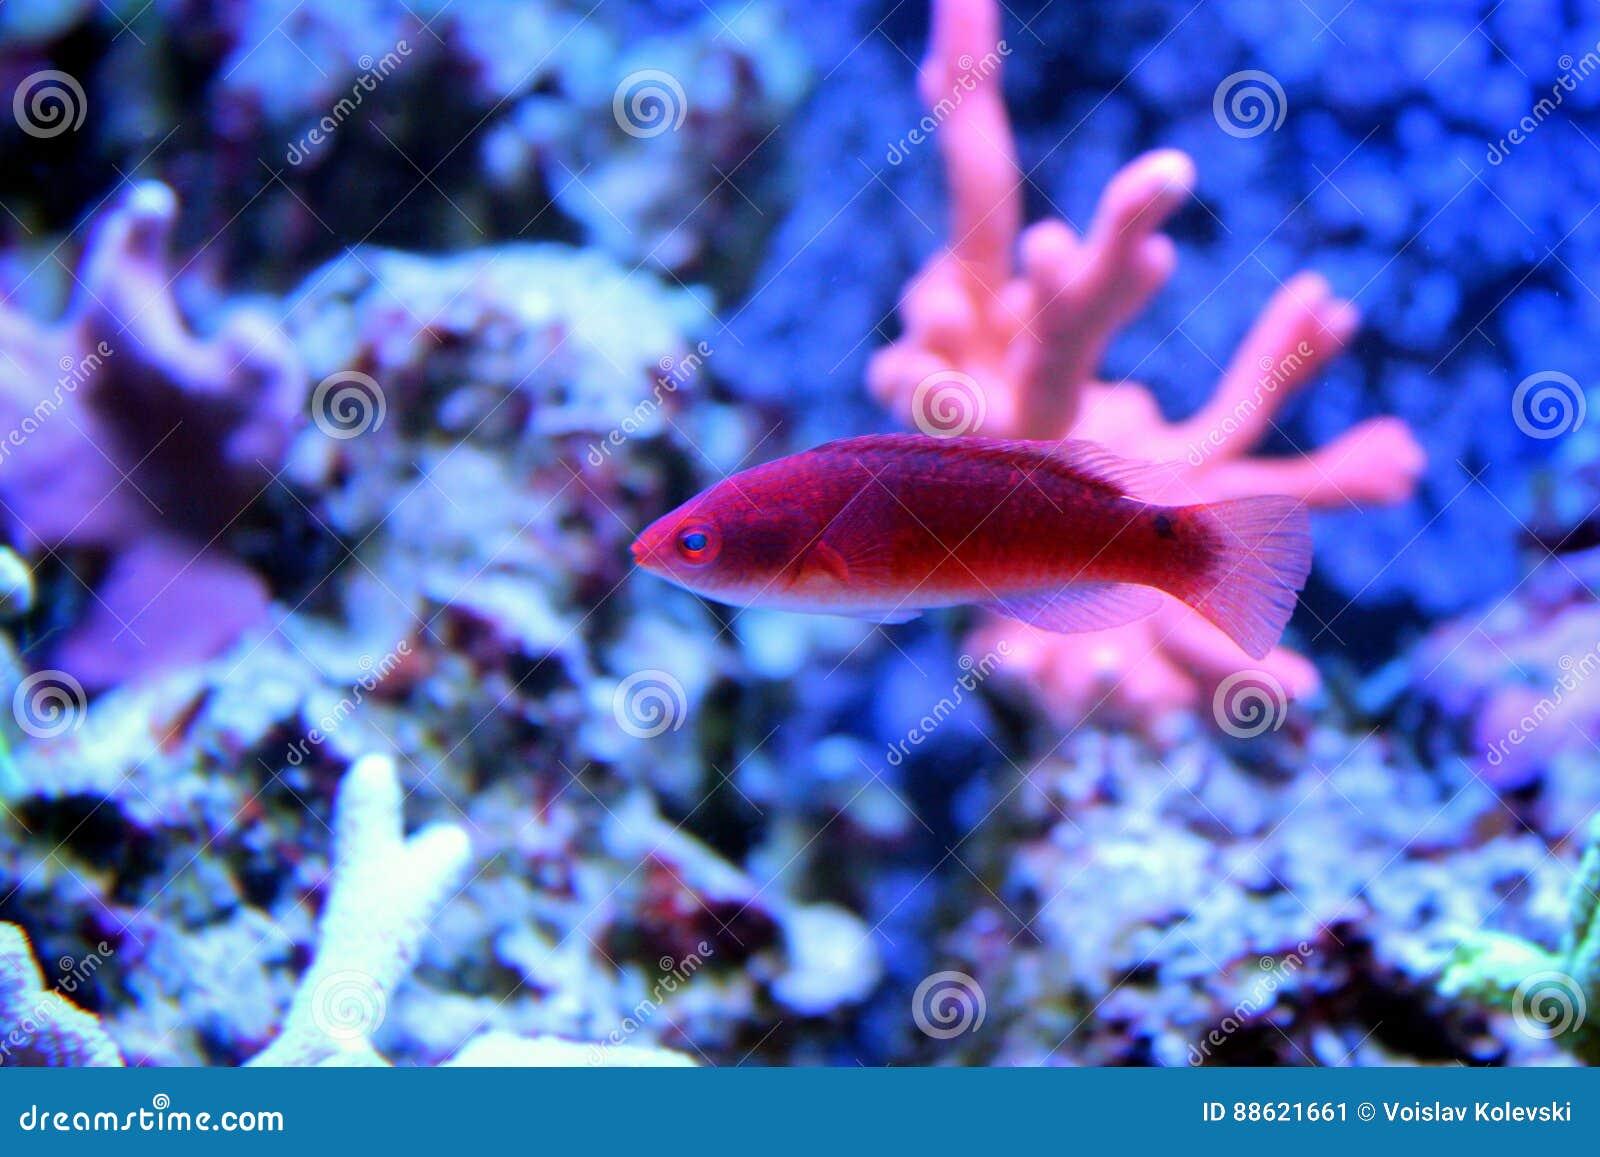 Peces Marinos En Acuario Marino Imagen De Archivo Imagen De Coral